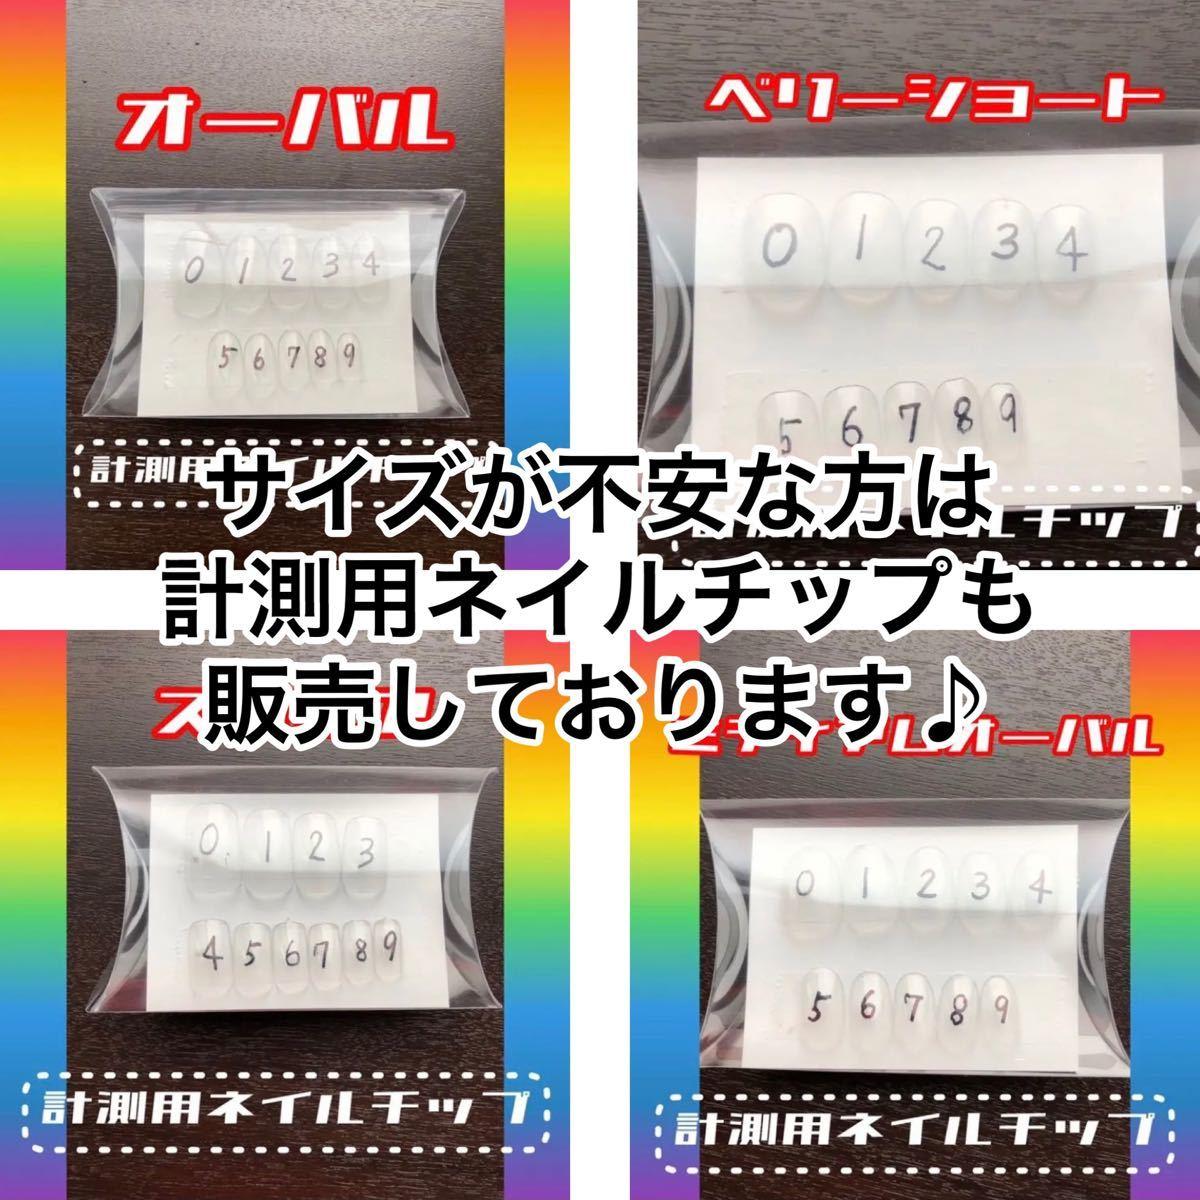 ネイルチップ 10枚+両面シール ☆ocean wave☆ 青 プッチ柄 水色 白 ネイルアート ジェルネイル 付け爪